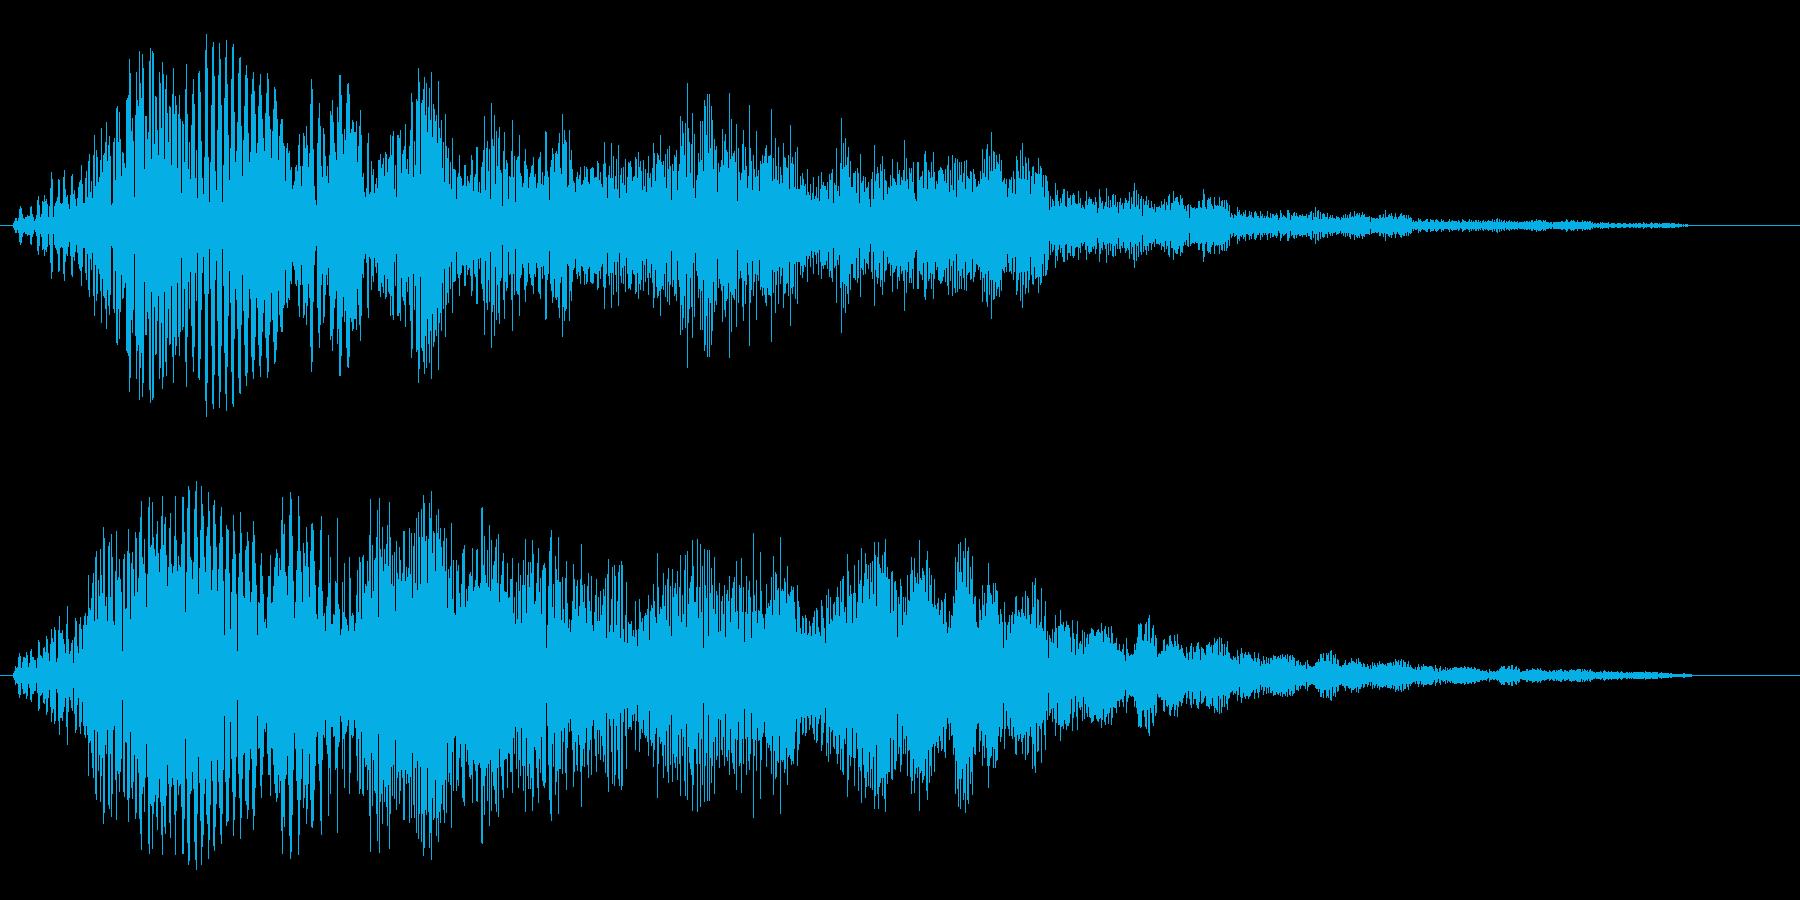 ジュワワワーン↑(タイトル音)の再生済みの波形